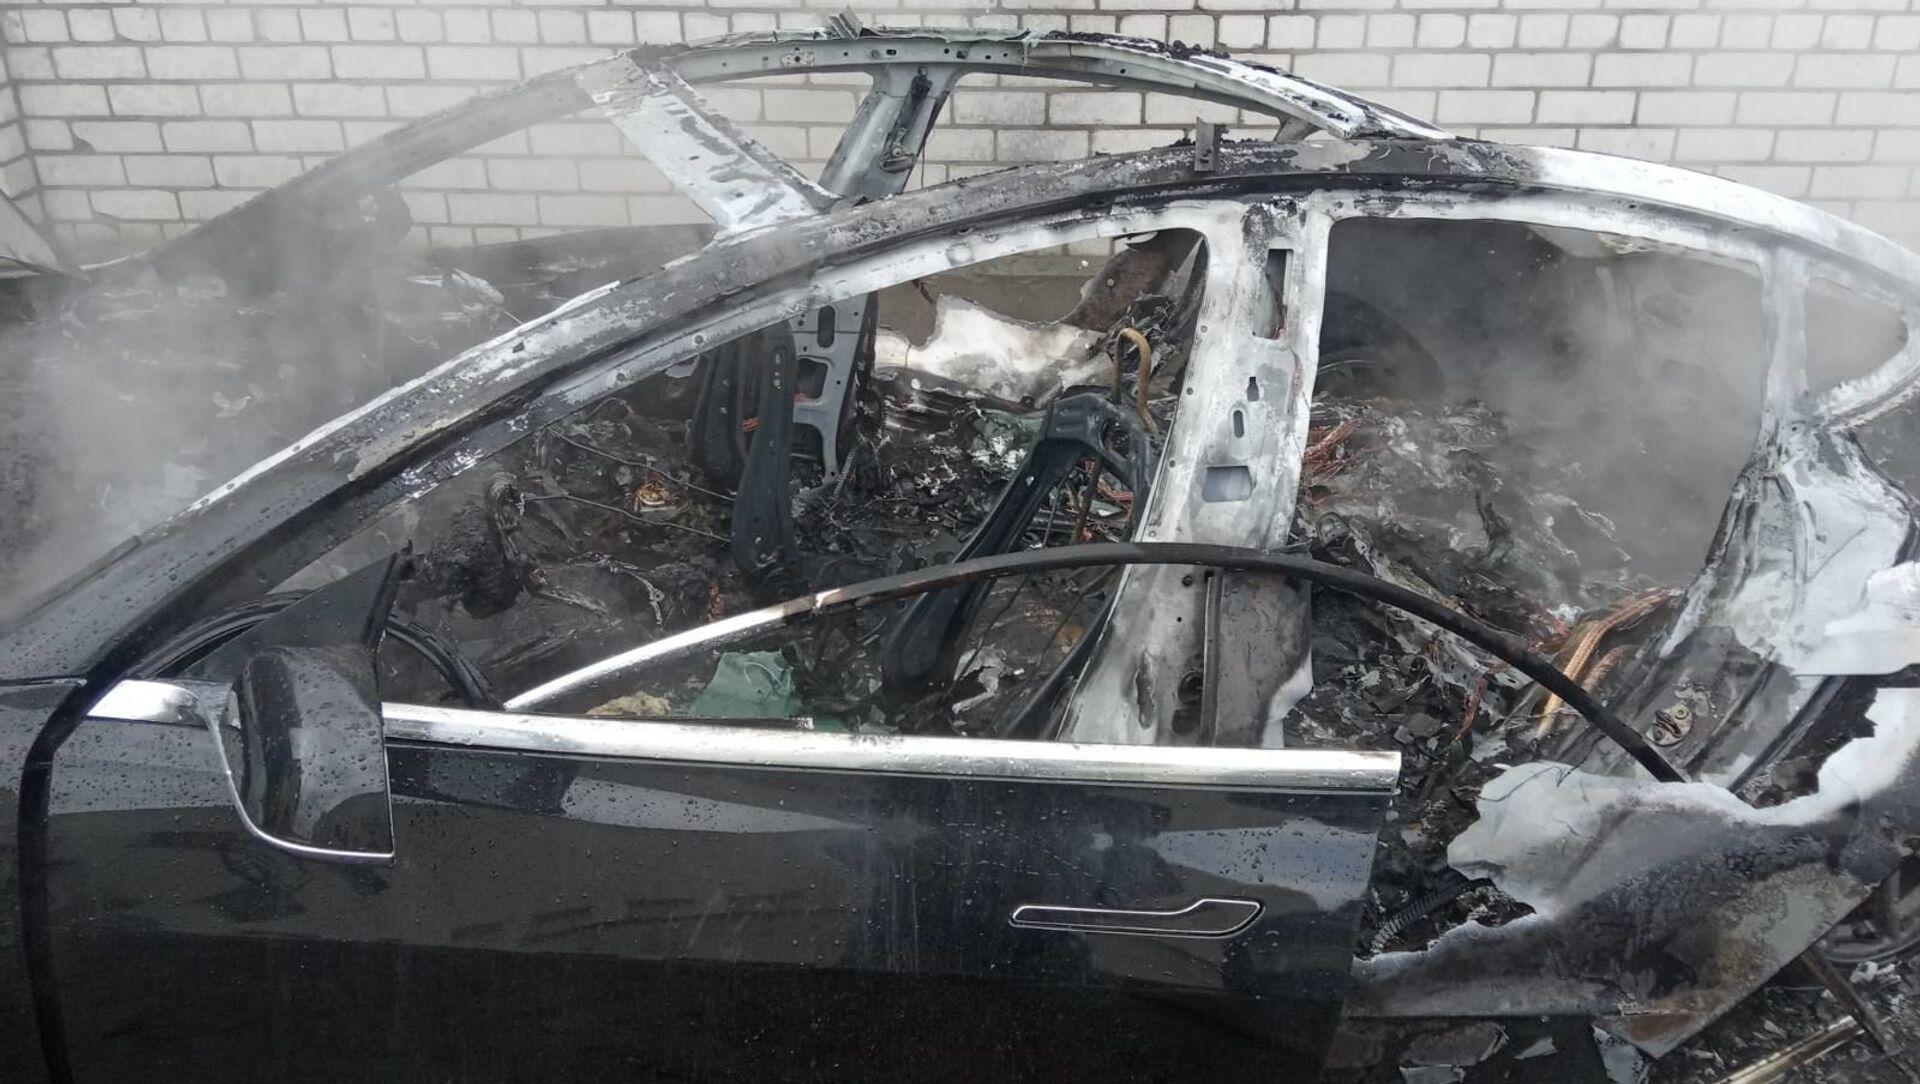 Электрокар Tesla сгорел дотла в Могилеве - Sputnik Беларусь, 1920, 08.04.2021